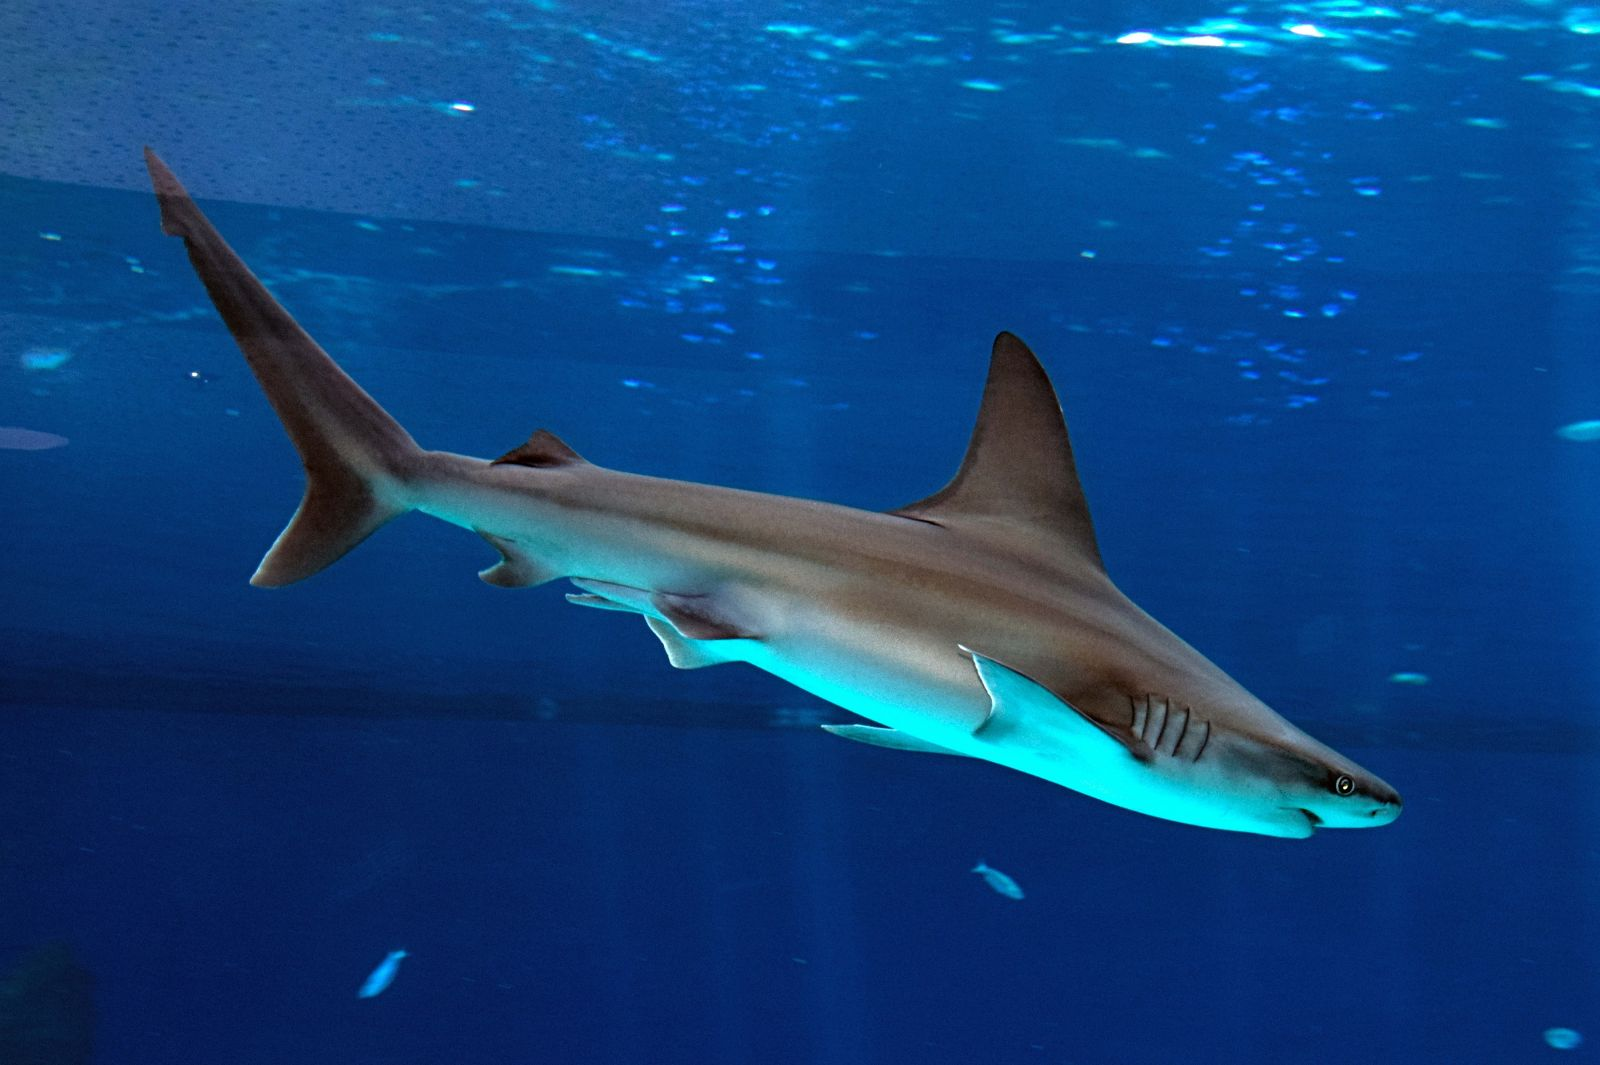 بالصور صور سمك القرش , اجمل صور اسماك القرش المفترسة 5333 5